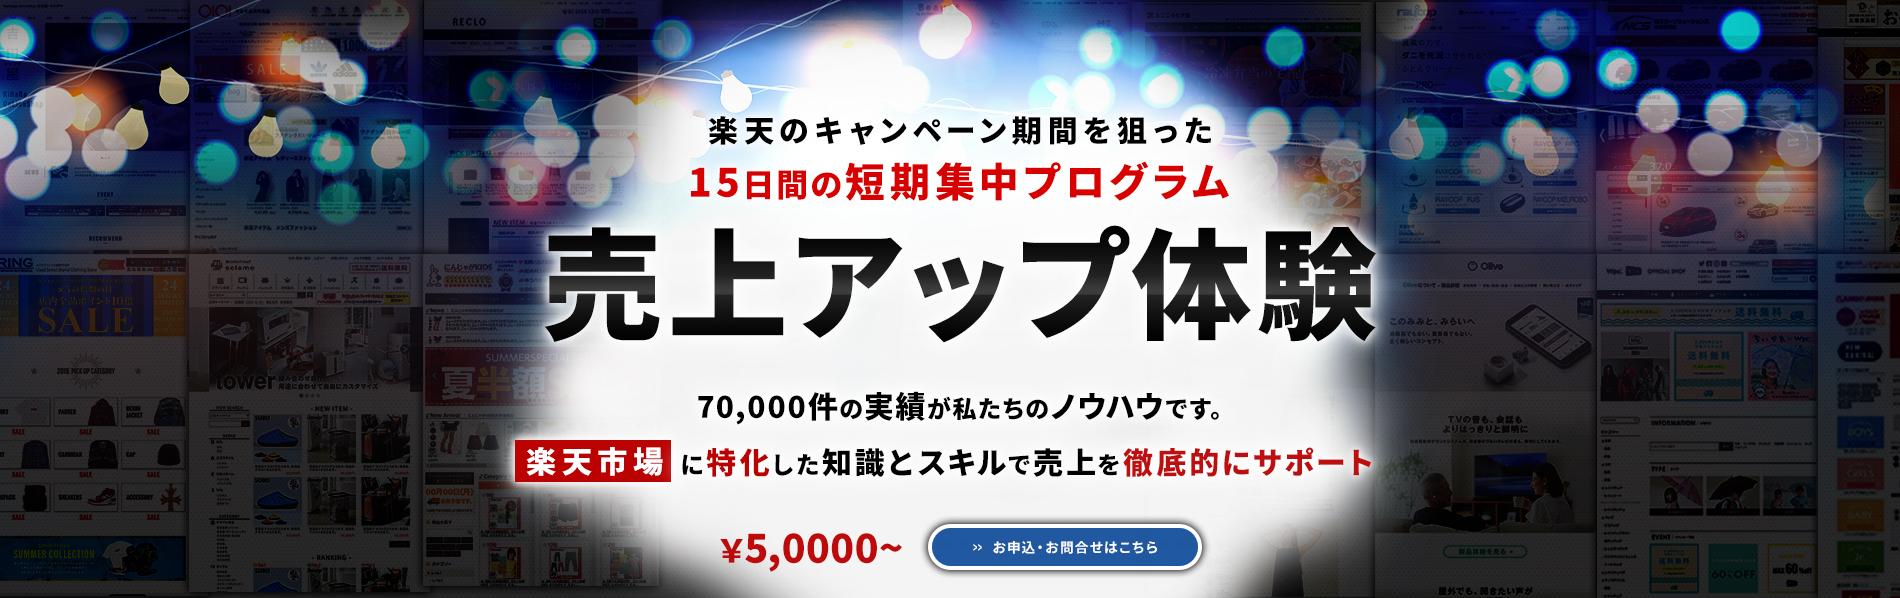 楽天のキャンペーン期間を狙った15日間の売り上げアッププログラム